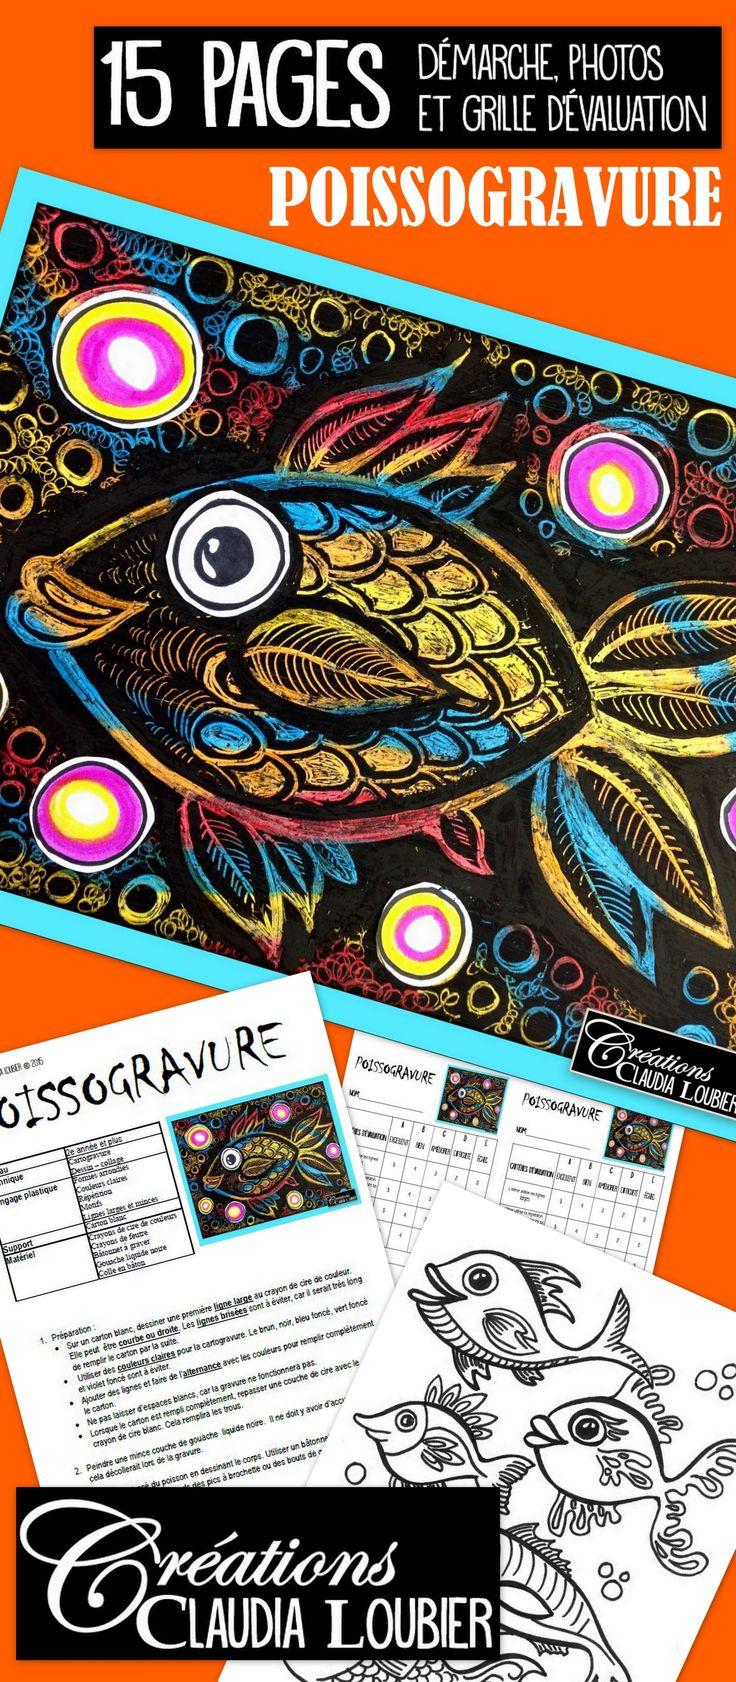 Voici un projet d'arts plastiques de cartogravure pour tous.  Ce projet, étape par étape, laisse libre cours à leur originalité, tout en les amenant à persévérer dans leur travail. Vous aurez besoin de crayons de cire de couleurs, de gouache liquide noire, de bâtonnets à graver, de cartons blancs et de feutre de couleur. Une feuille de dessin de poissons et une grille d'évaluation sont incluses.